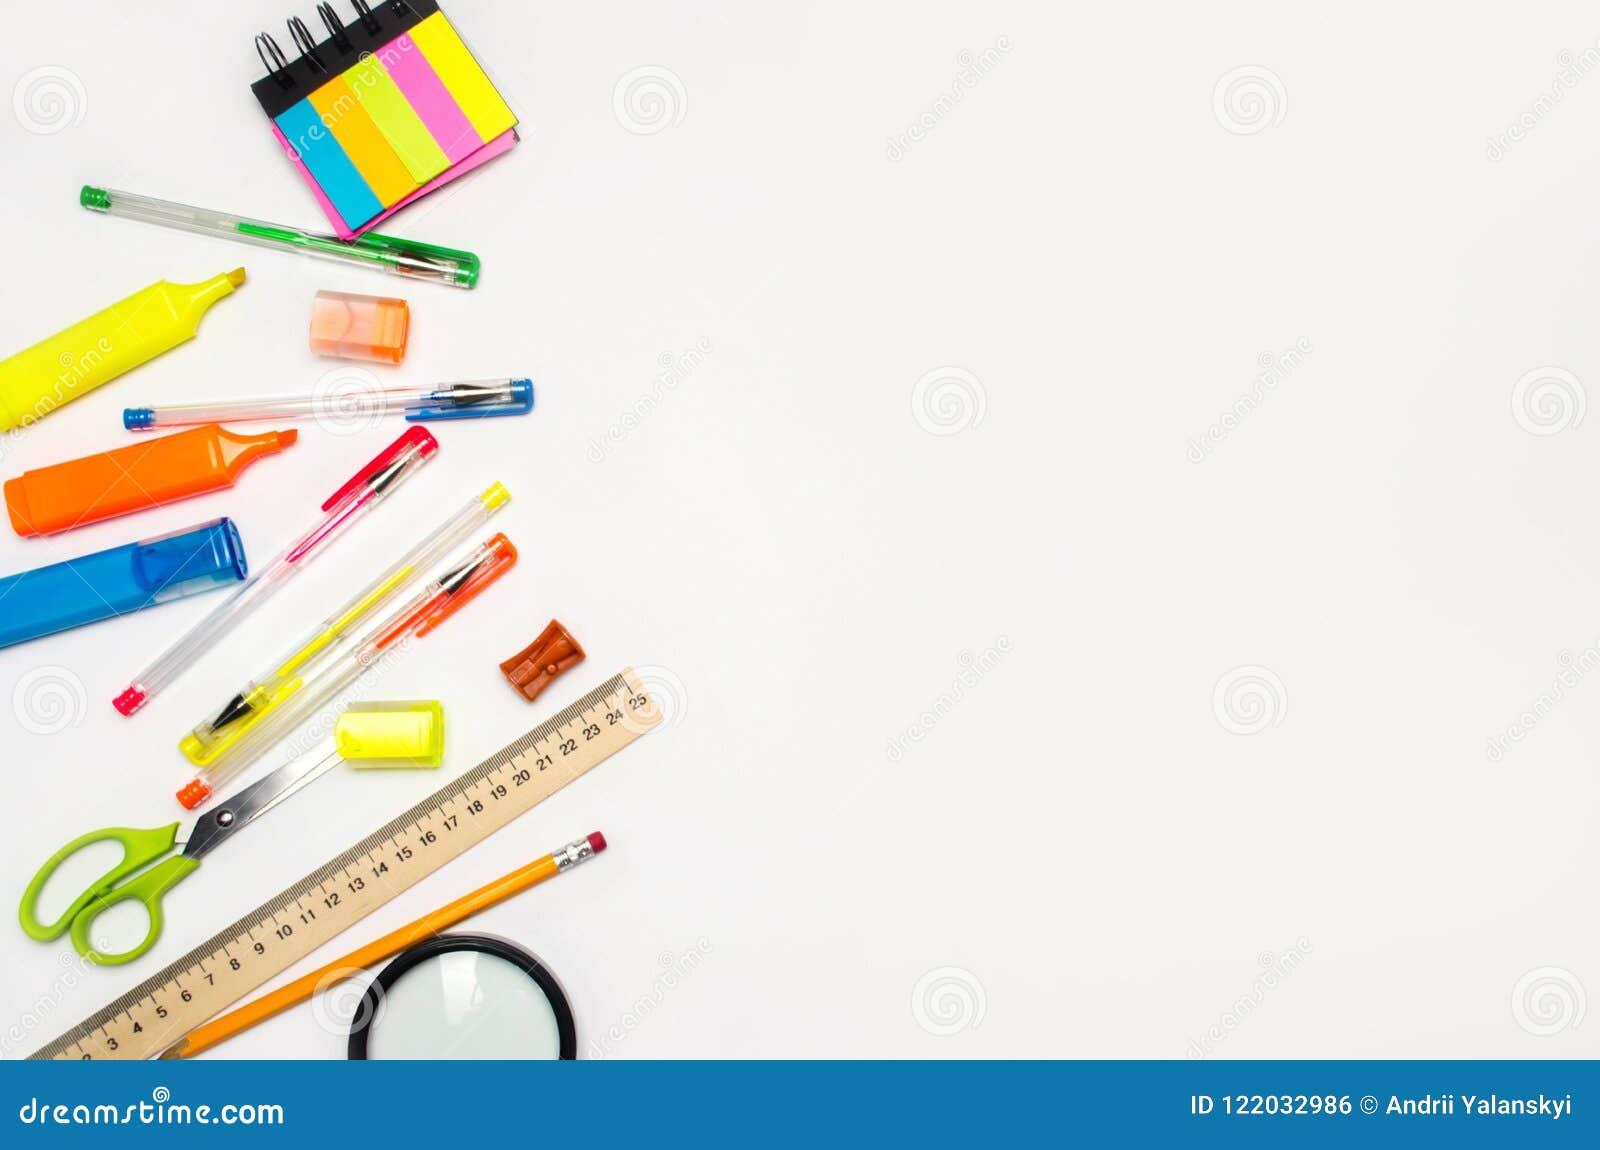 Σχολικά εξαρτήματα σε μια άσπρη ανασκόπηση χαρτικά πίσω σχολείο κόκκινο εκπαίδευσης έννοιας βιβλίων μήλων Γραφείο μάνδρες χρώματο